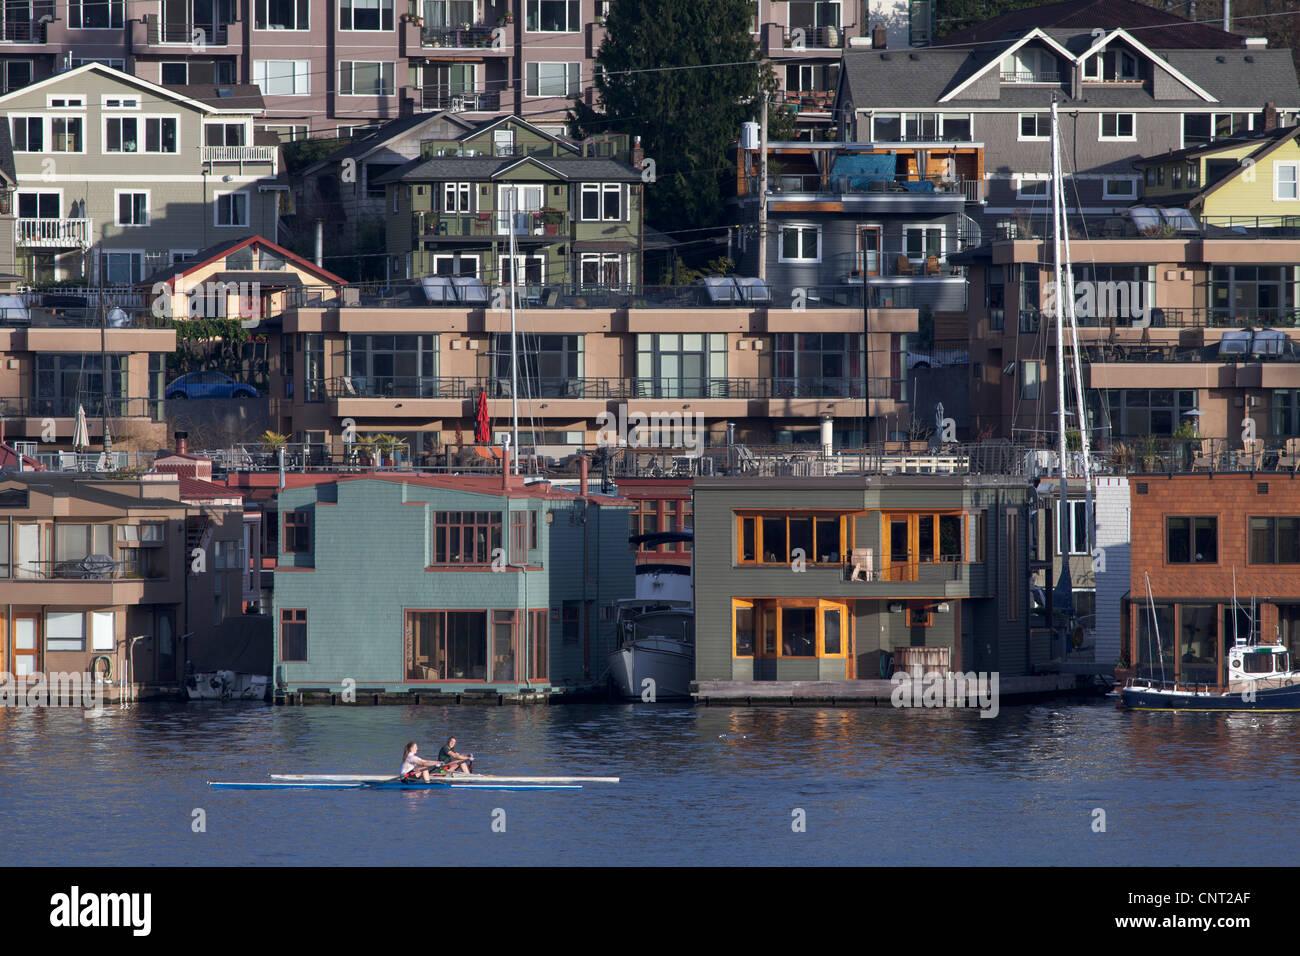 Sculling passed houseboats on Lake Union, Seattle, Washington - Stock Image